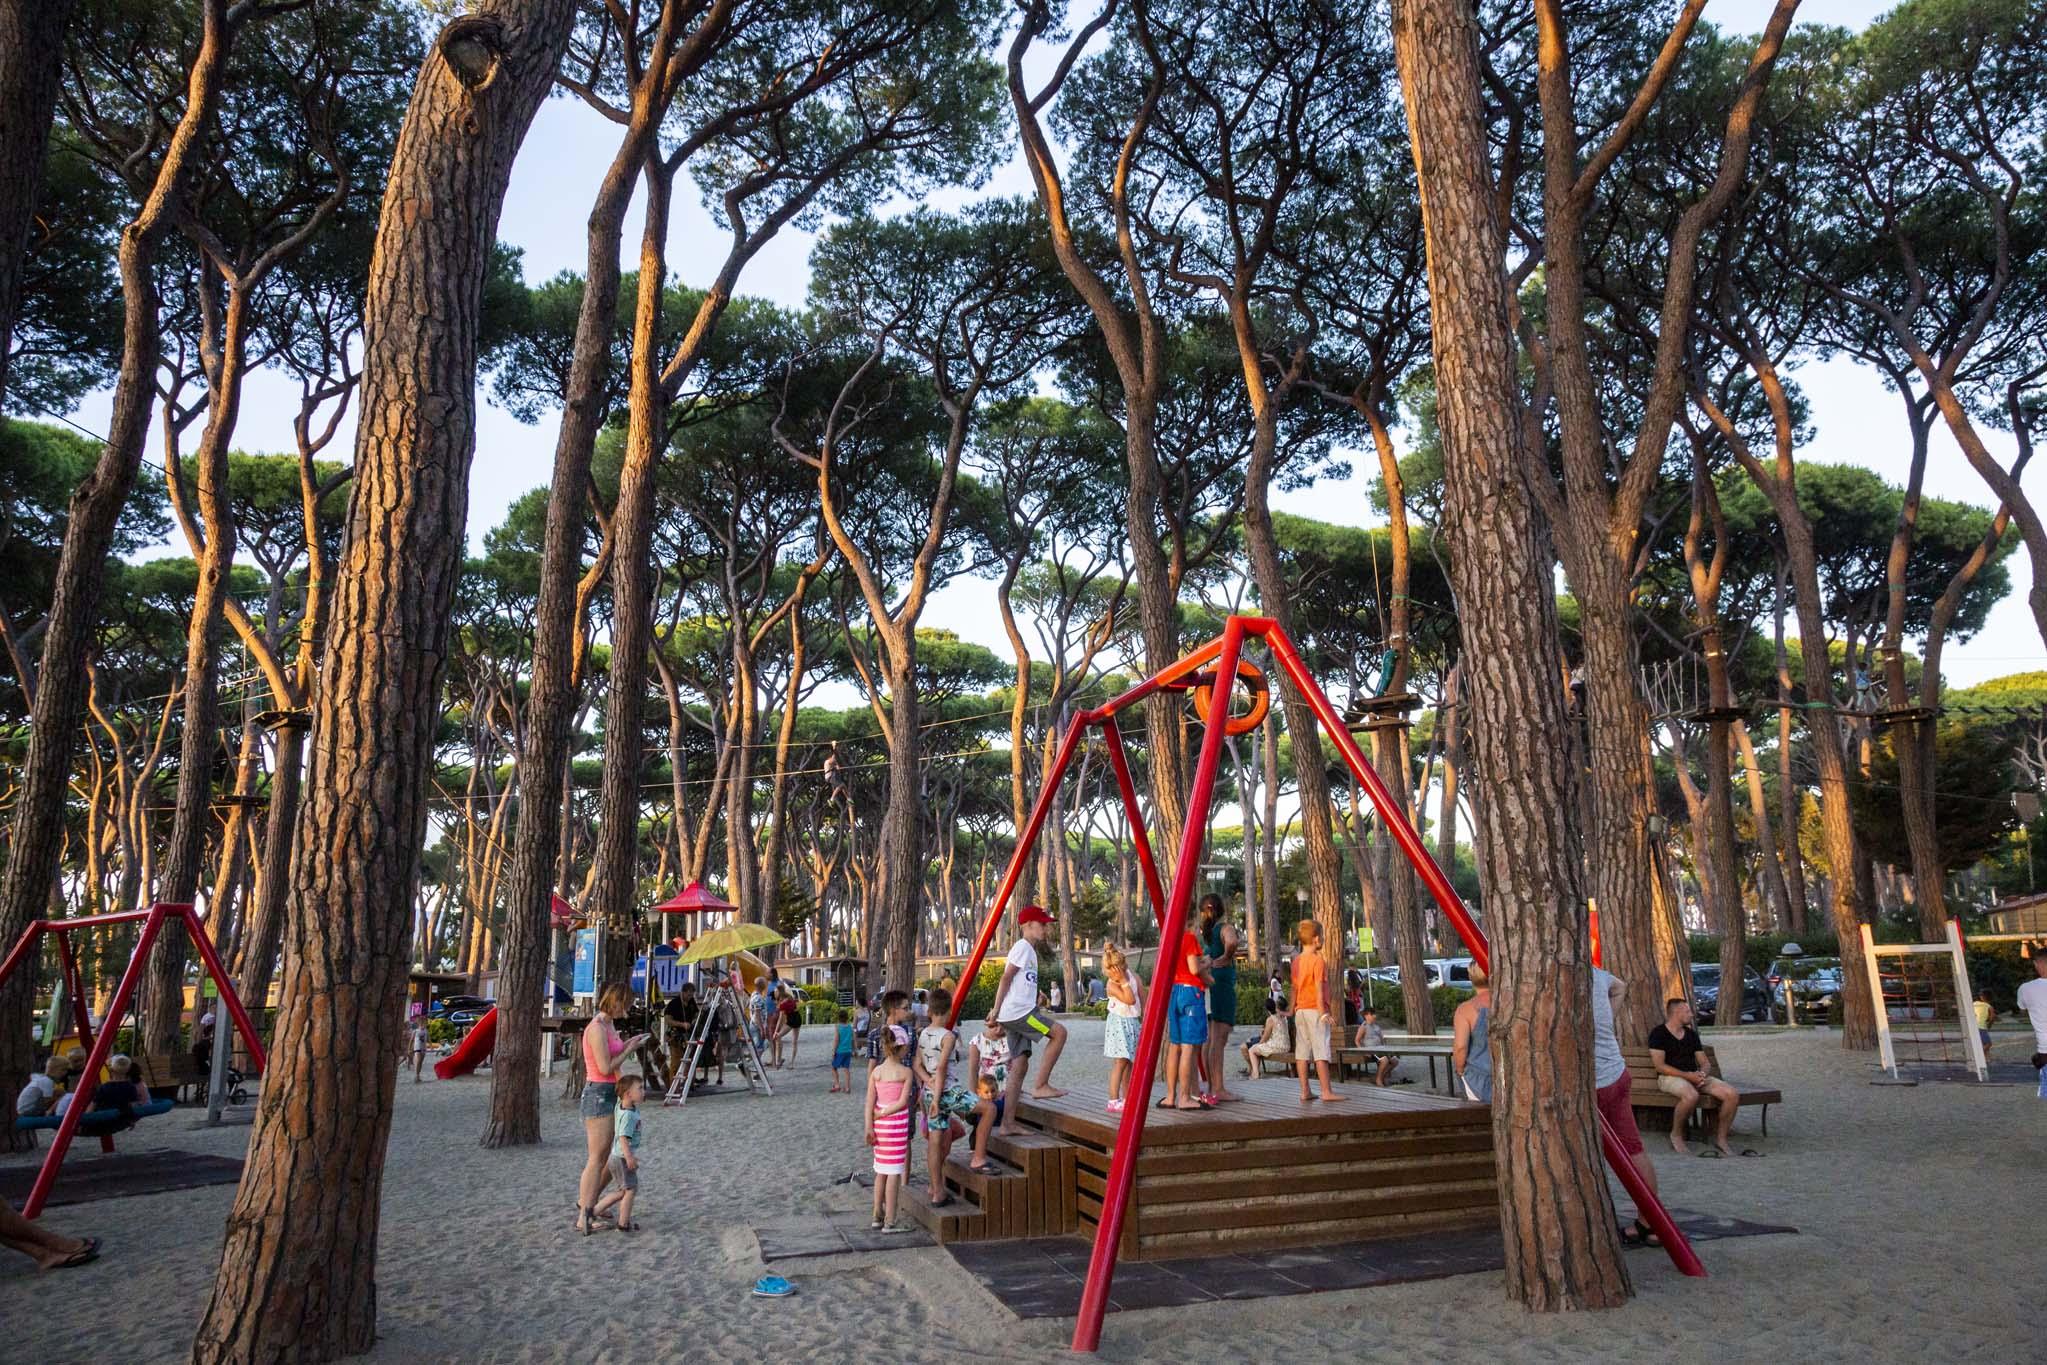 Bambini giocano nel parco giochi del villaggio